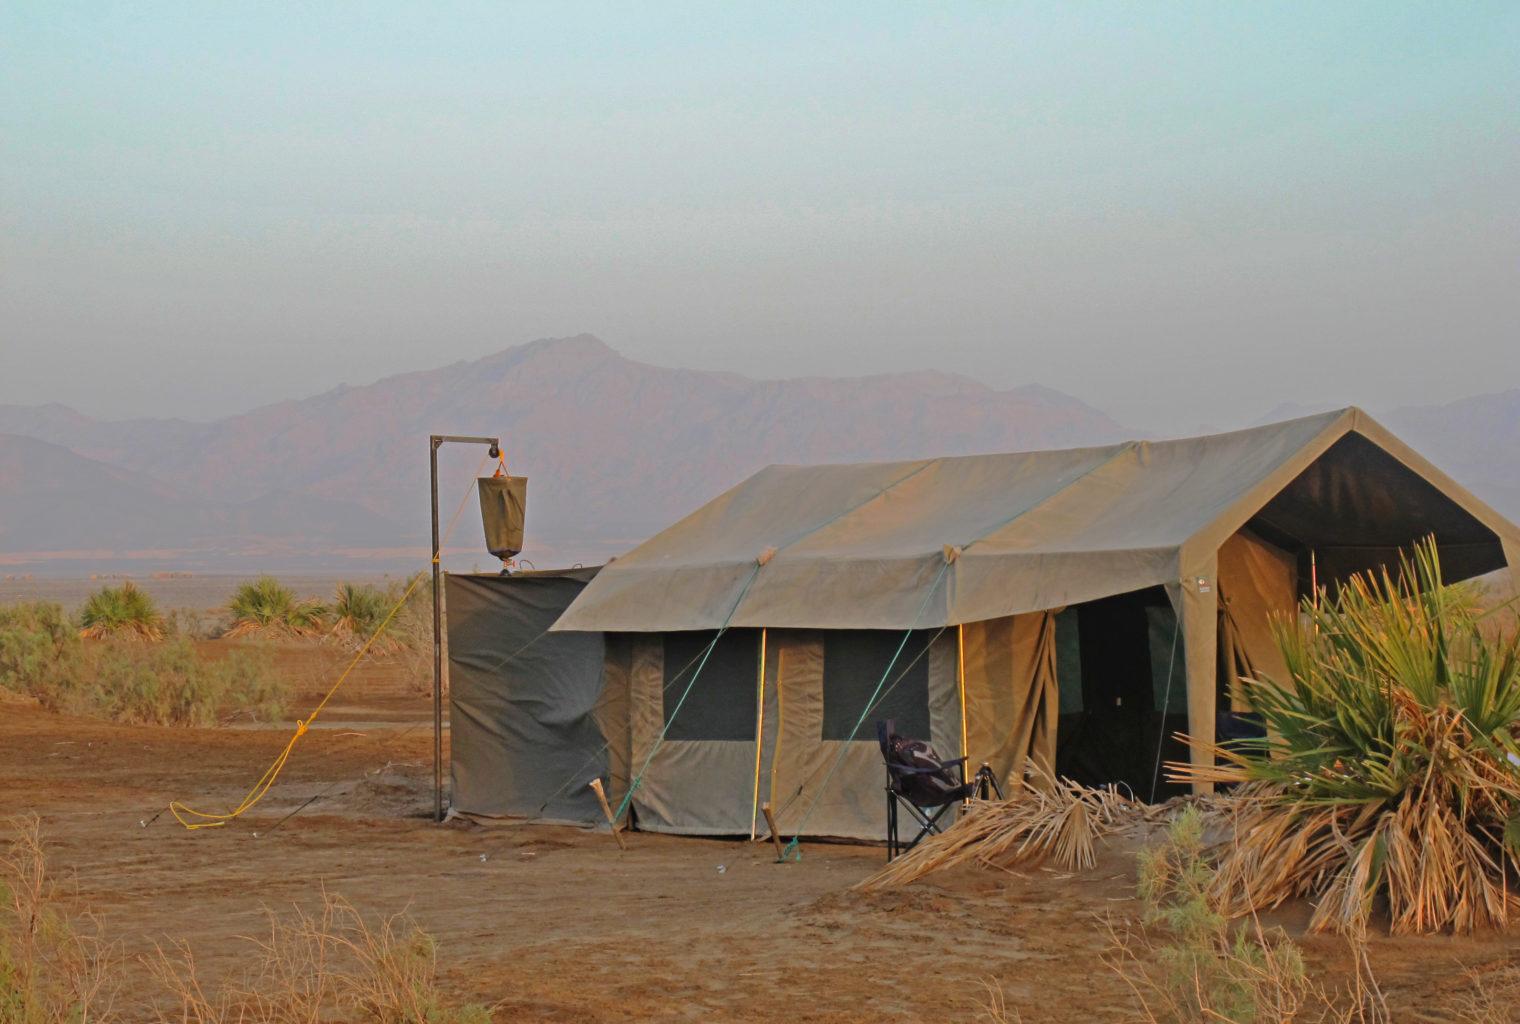 Danakil Ethiopia-Tent